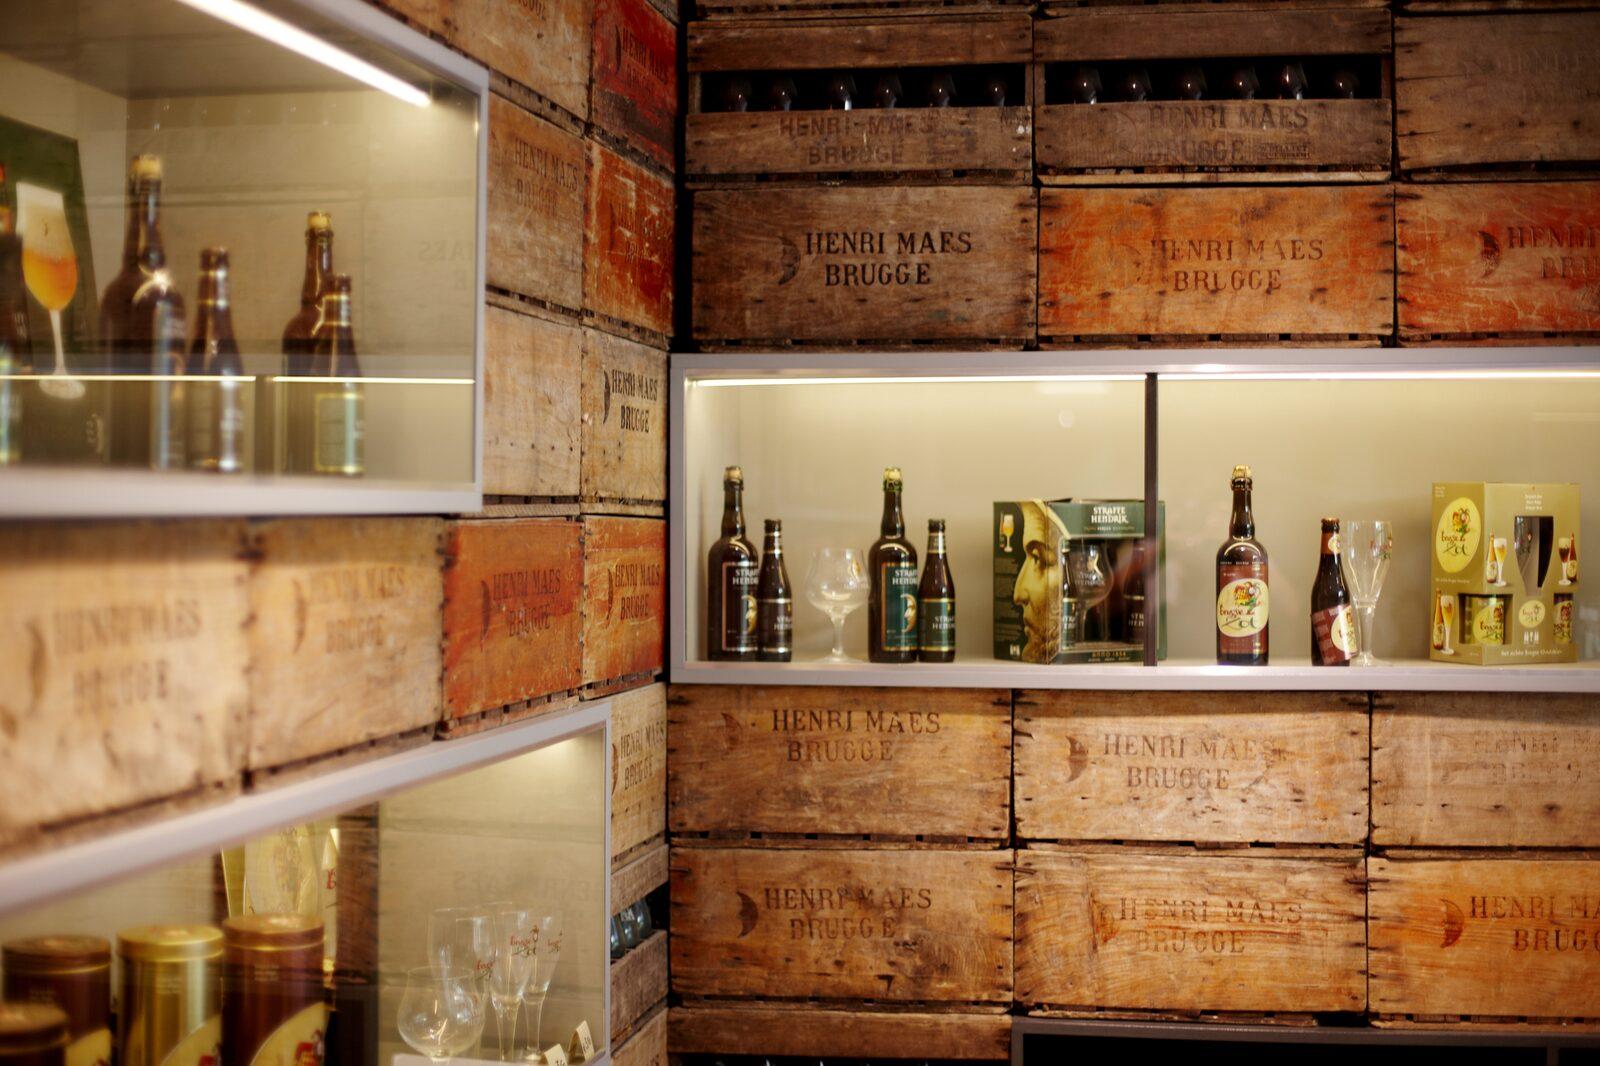 Arrangement Brouwerijbezoek De Halve Maan (Brugge) Jabbeke